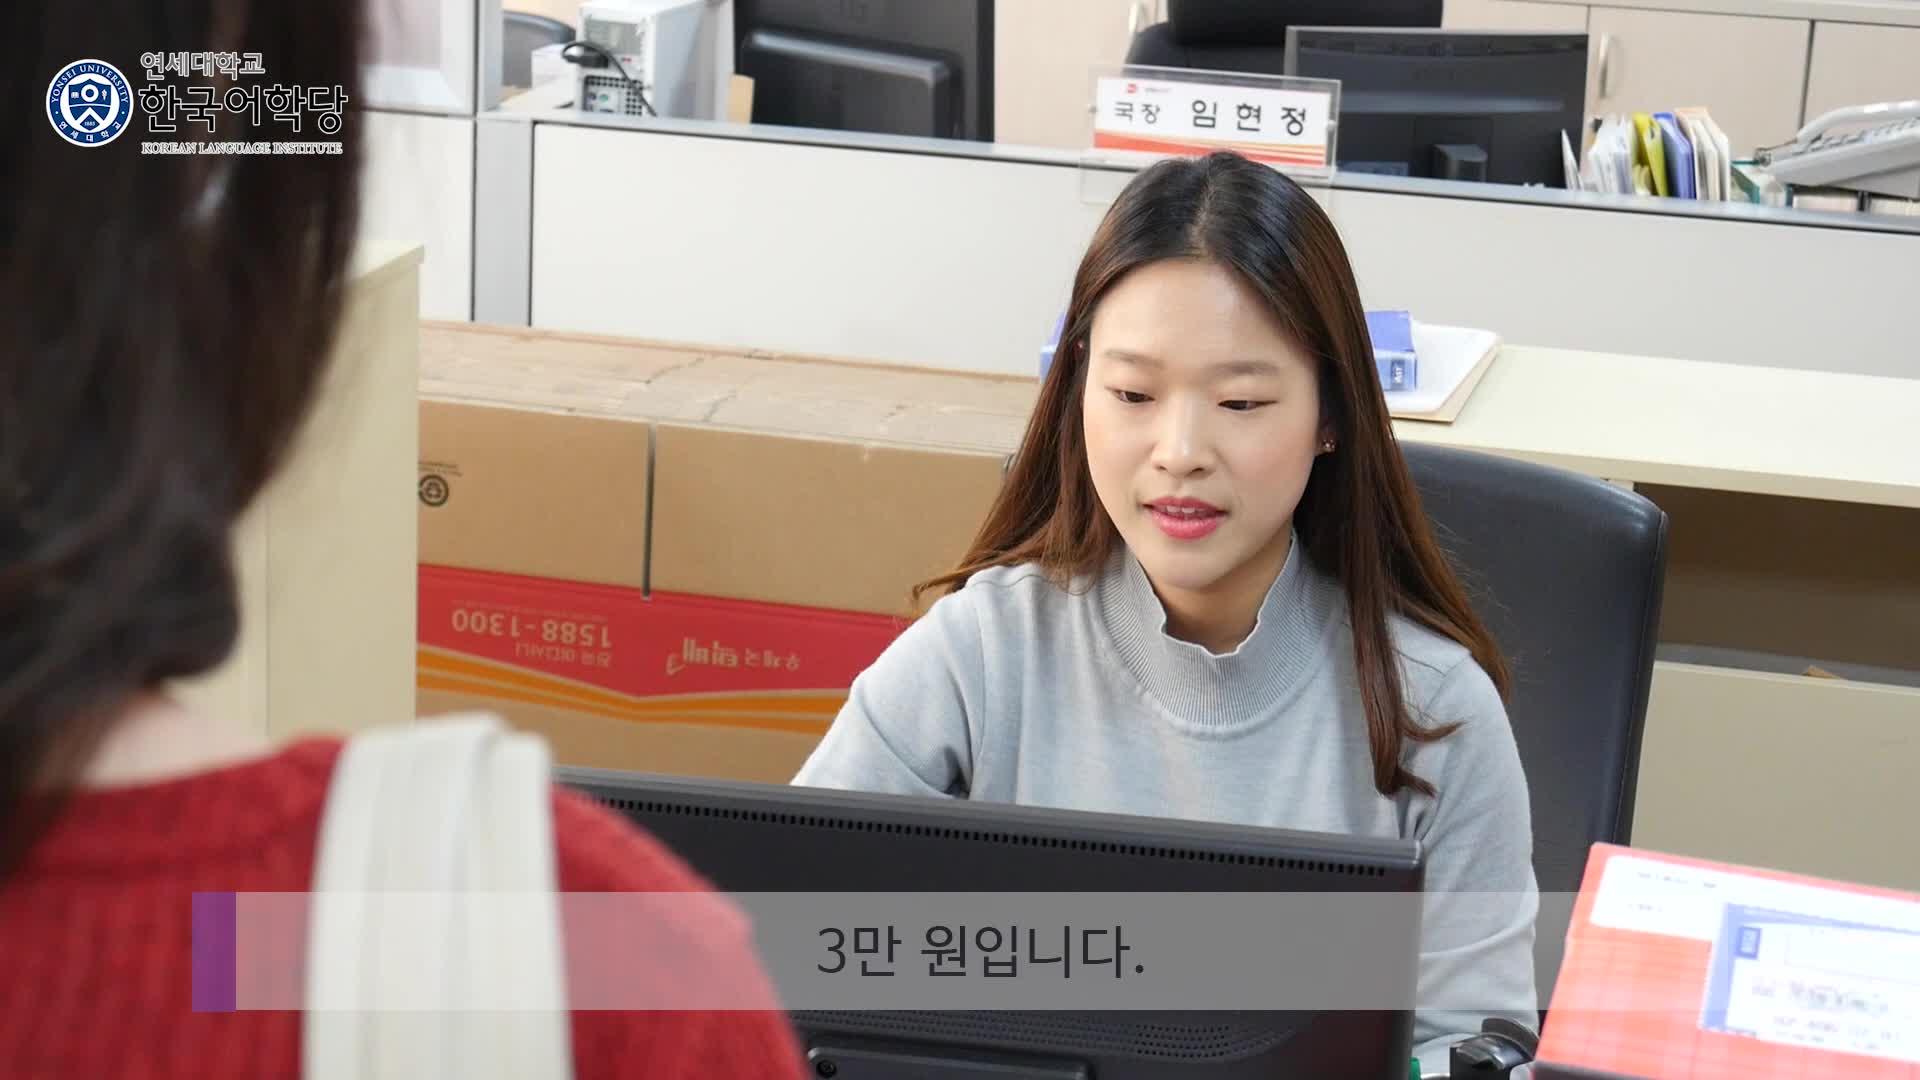 [1분 한국생활]한국에서 외국으로 소포를 보내볼까요?